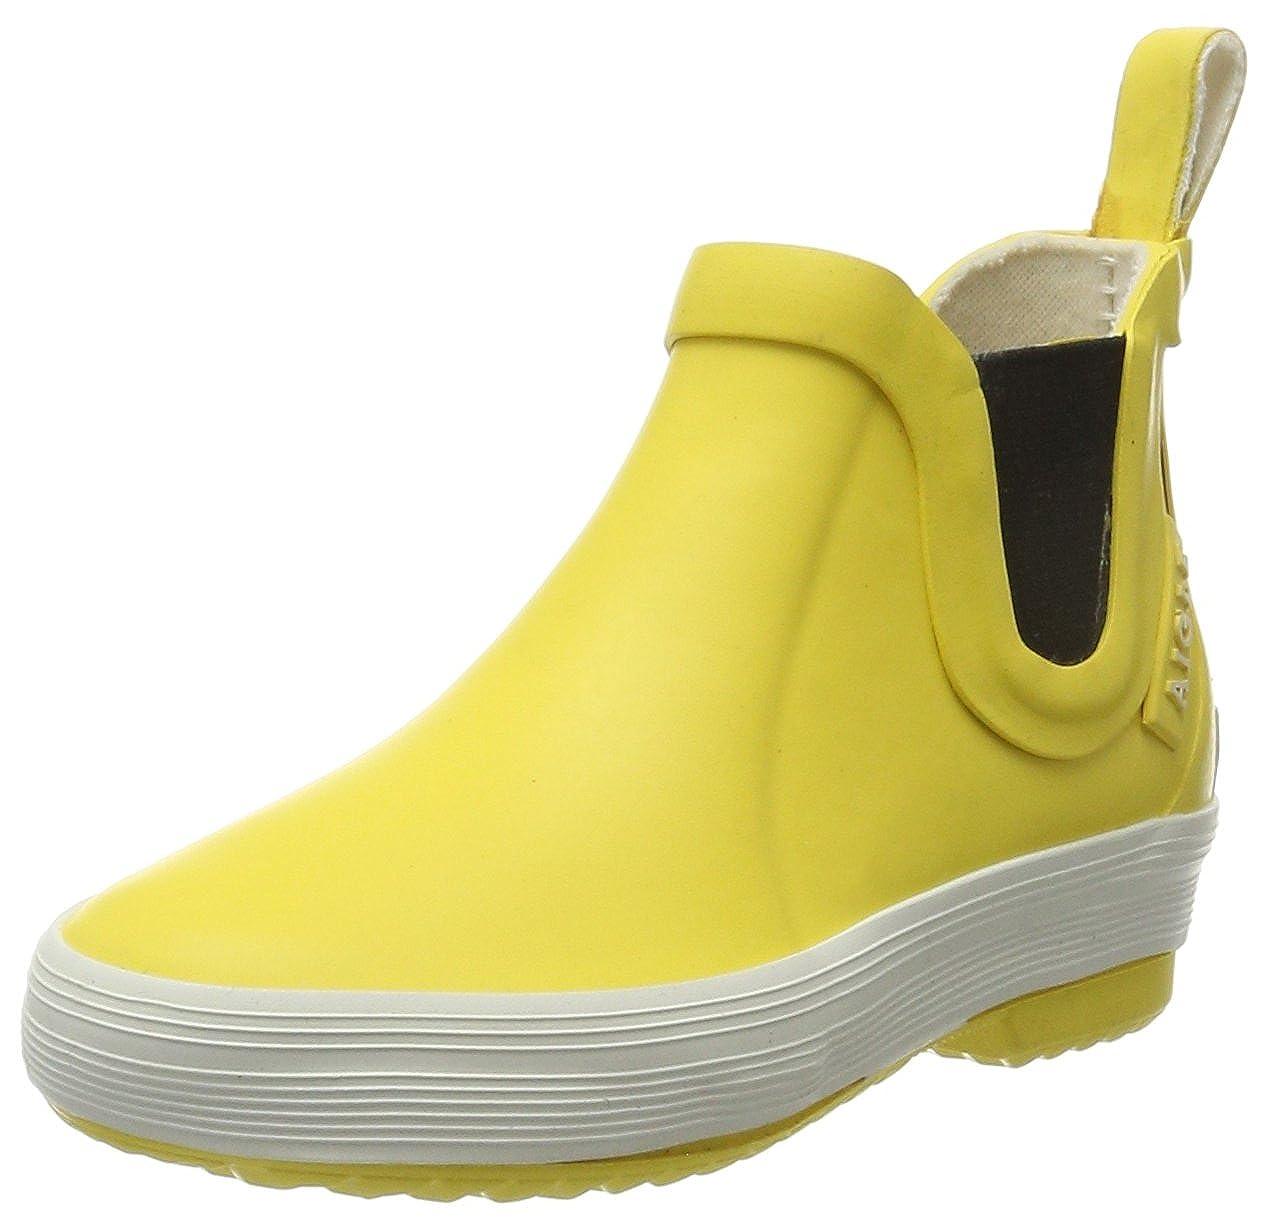 Aigle Unisex Kids' Lolly Chelsea Wellington Boots